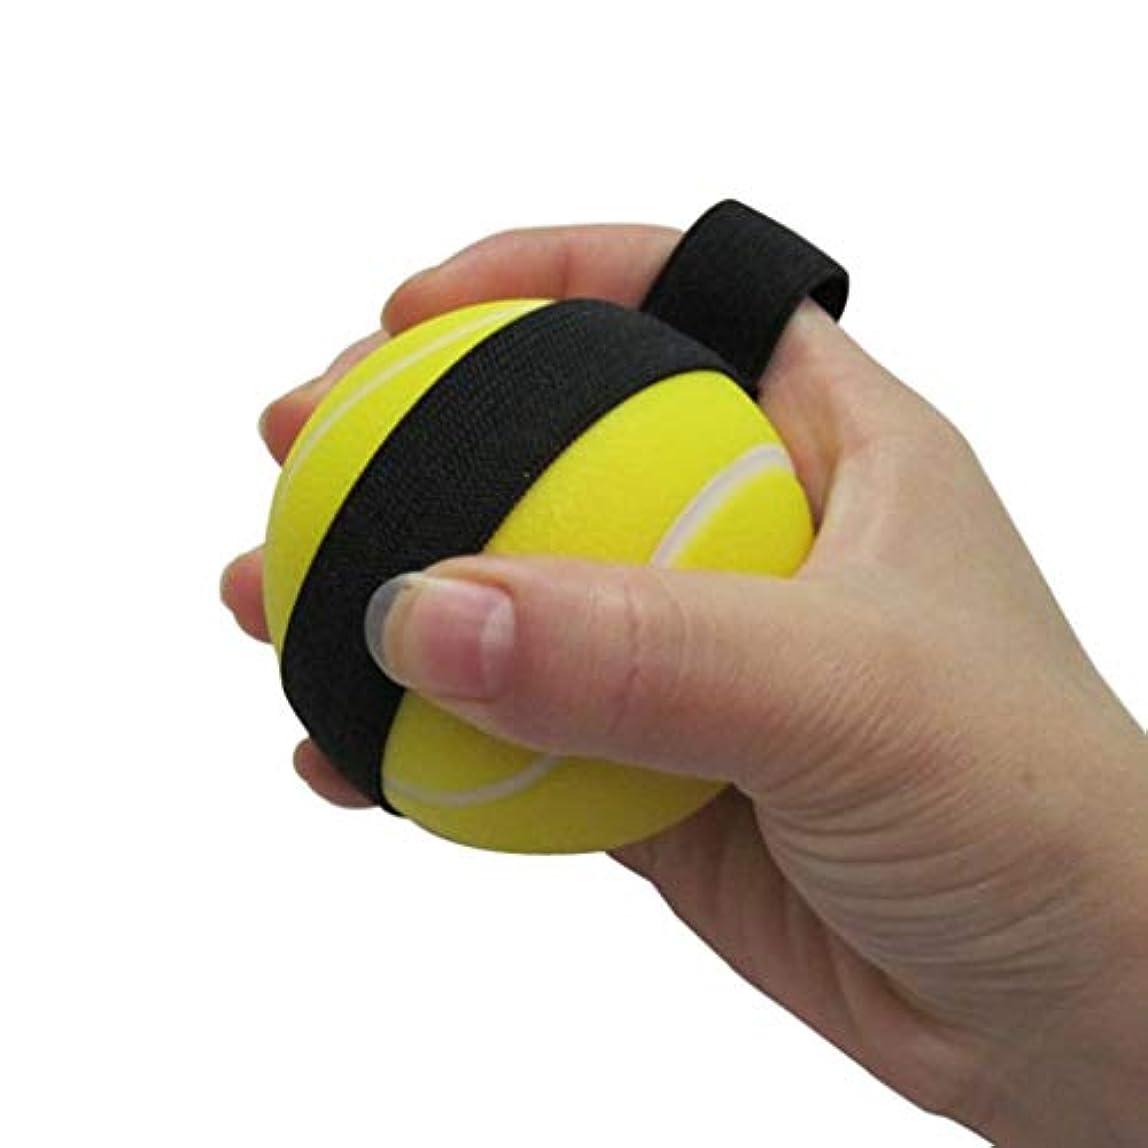 定数ボット外向きリハビリテーショングリップボールストローク片麻痺老人指の筋力リハビリトレーニング機器手の機能の問題群集リハビリテーションエクササイズグリップ